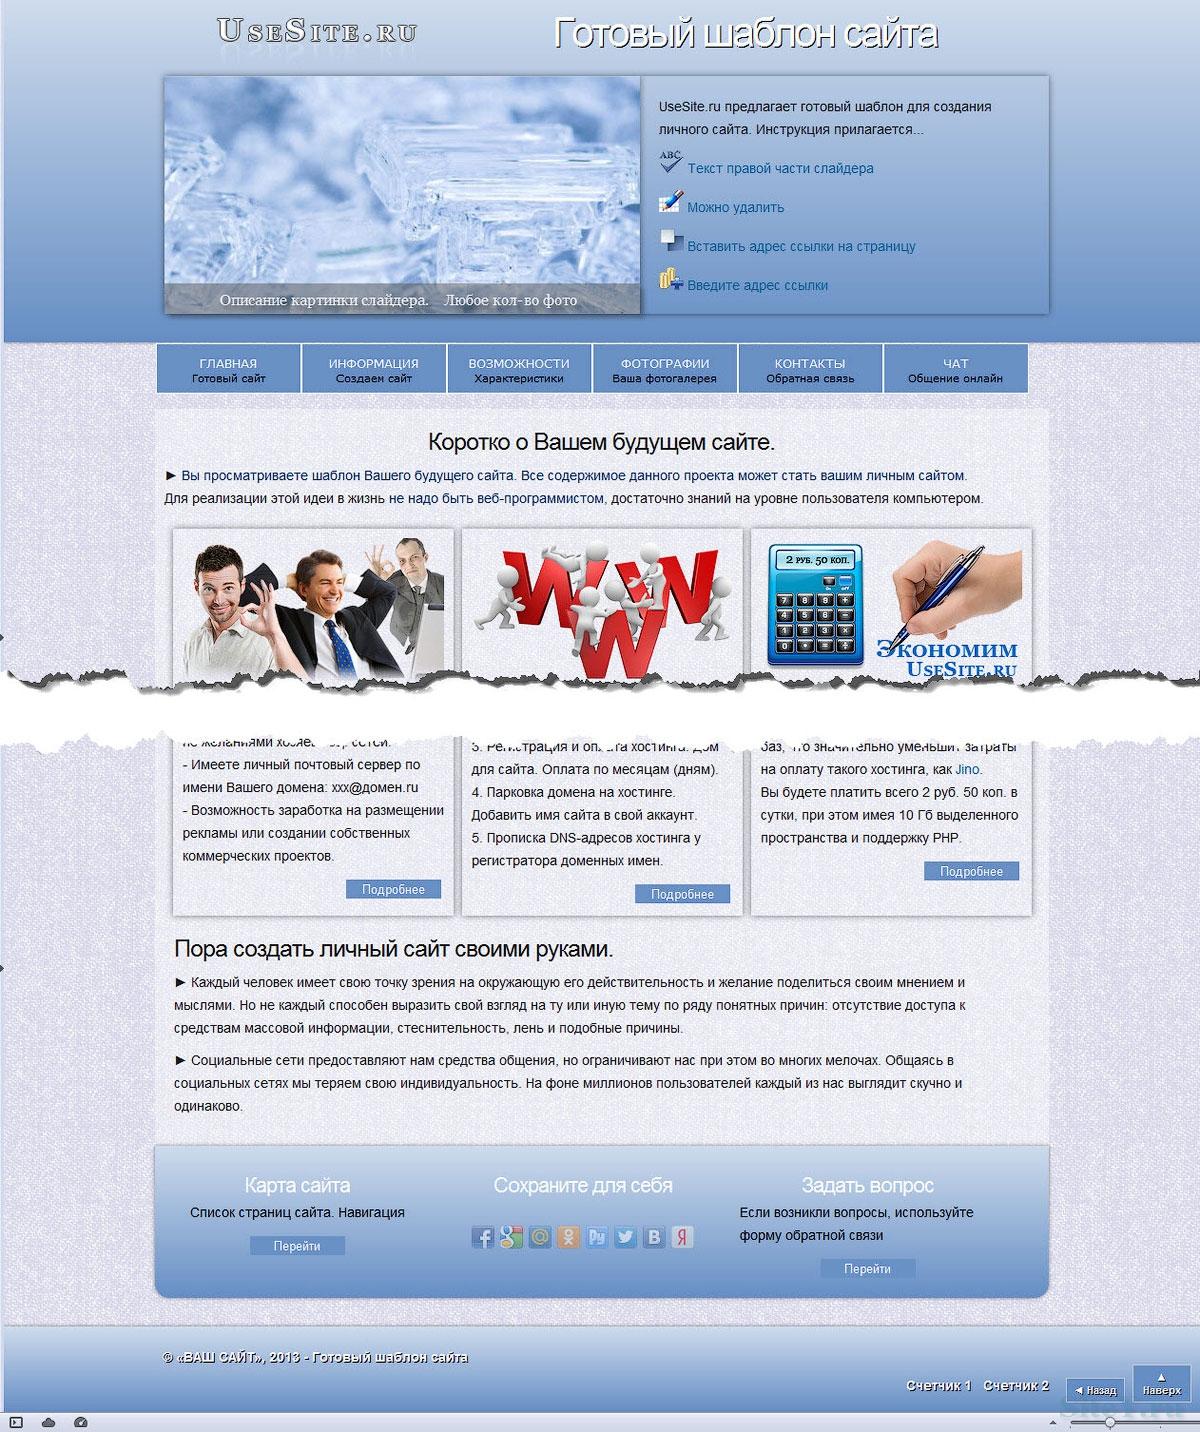 Загрузить шаблон сайта на хостинг скрипты хостингов серверов